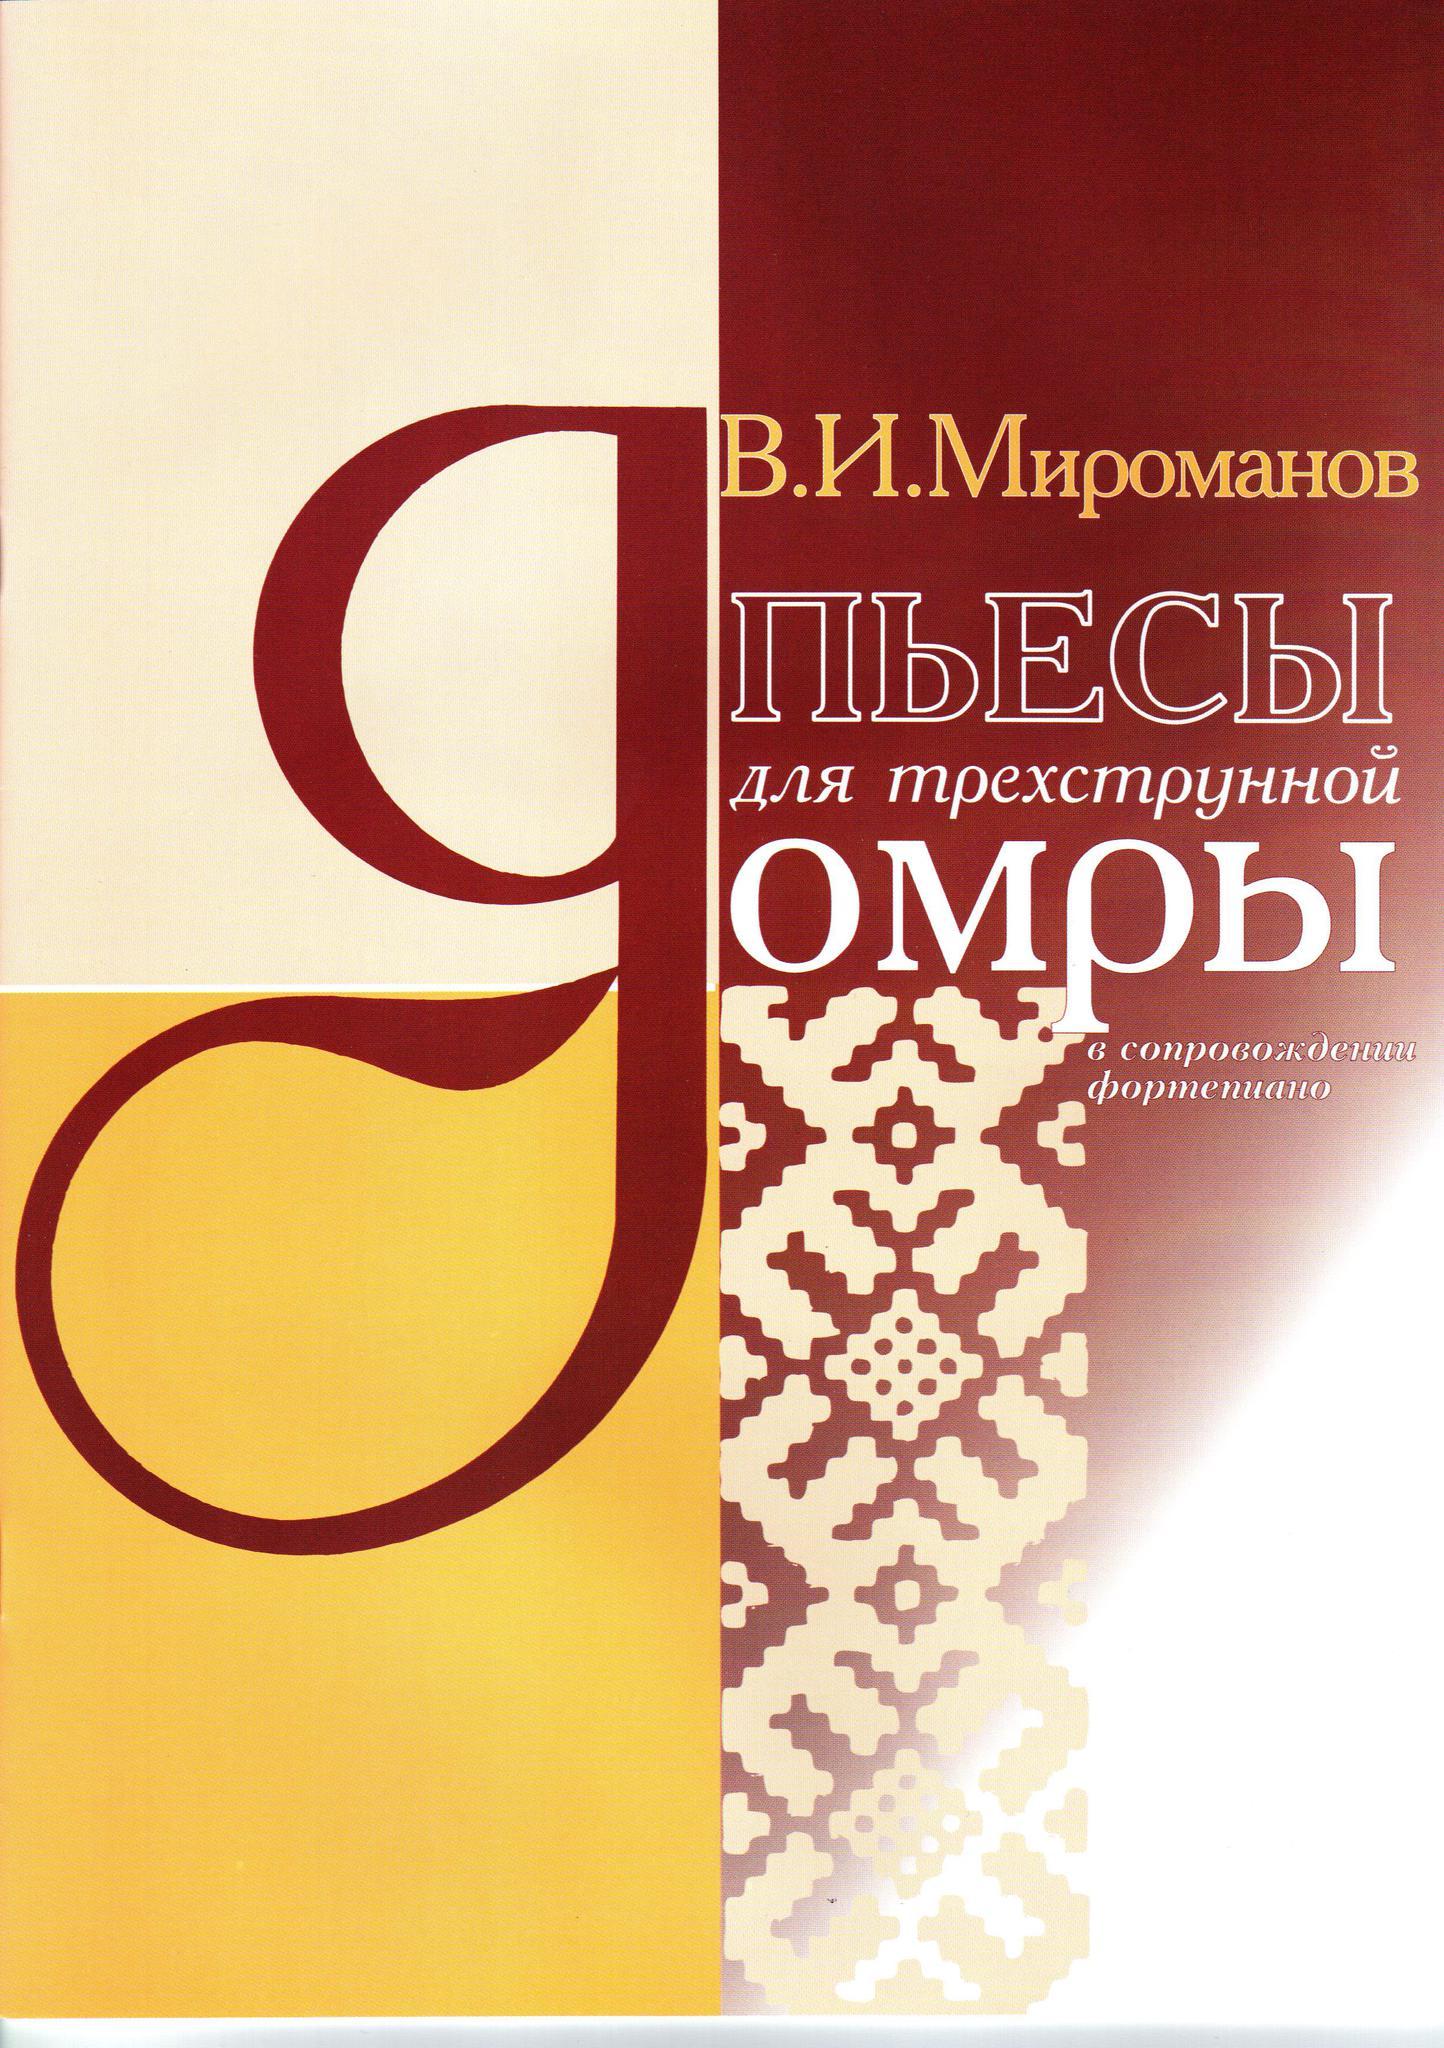 Мироманов В. Пьесы для трехструнной домры. В сопровождении фортепиано